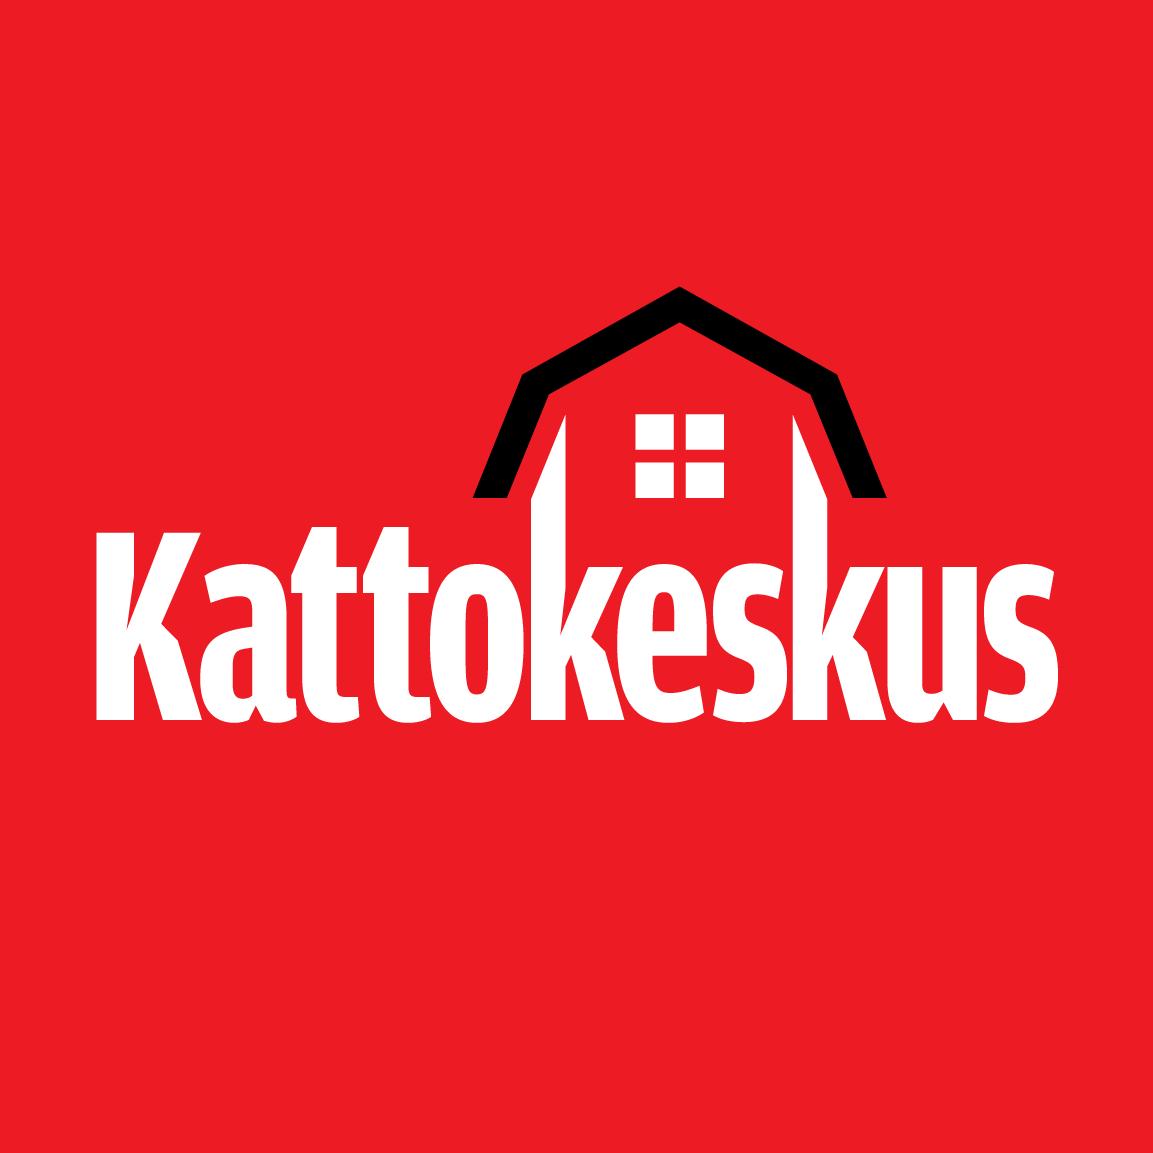 logo: Kattokeskus